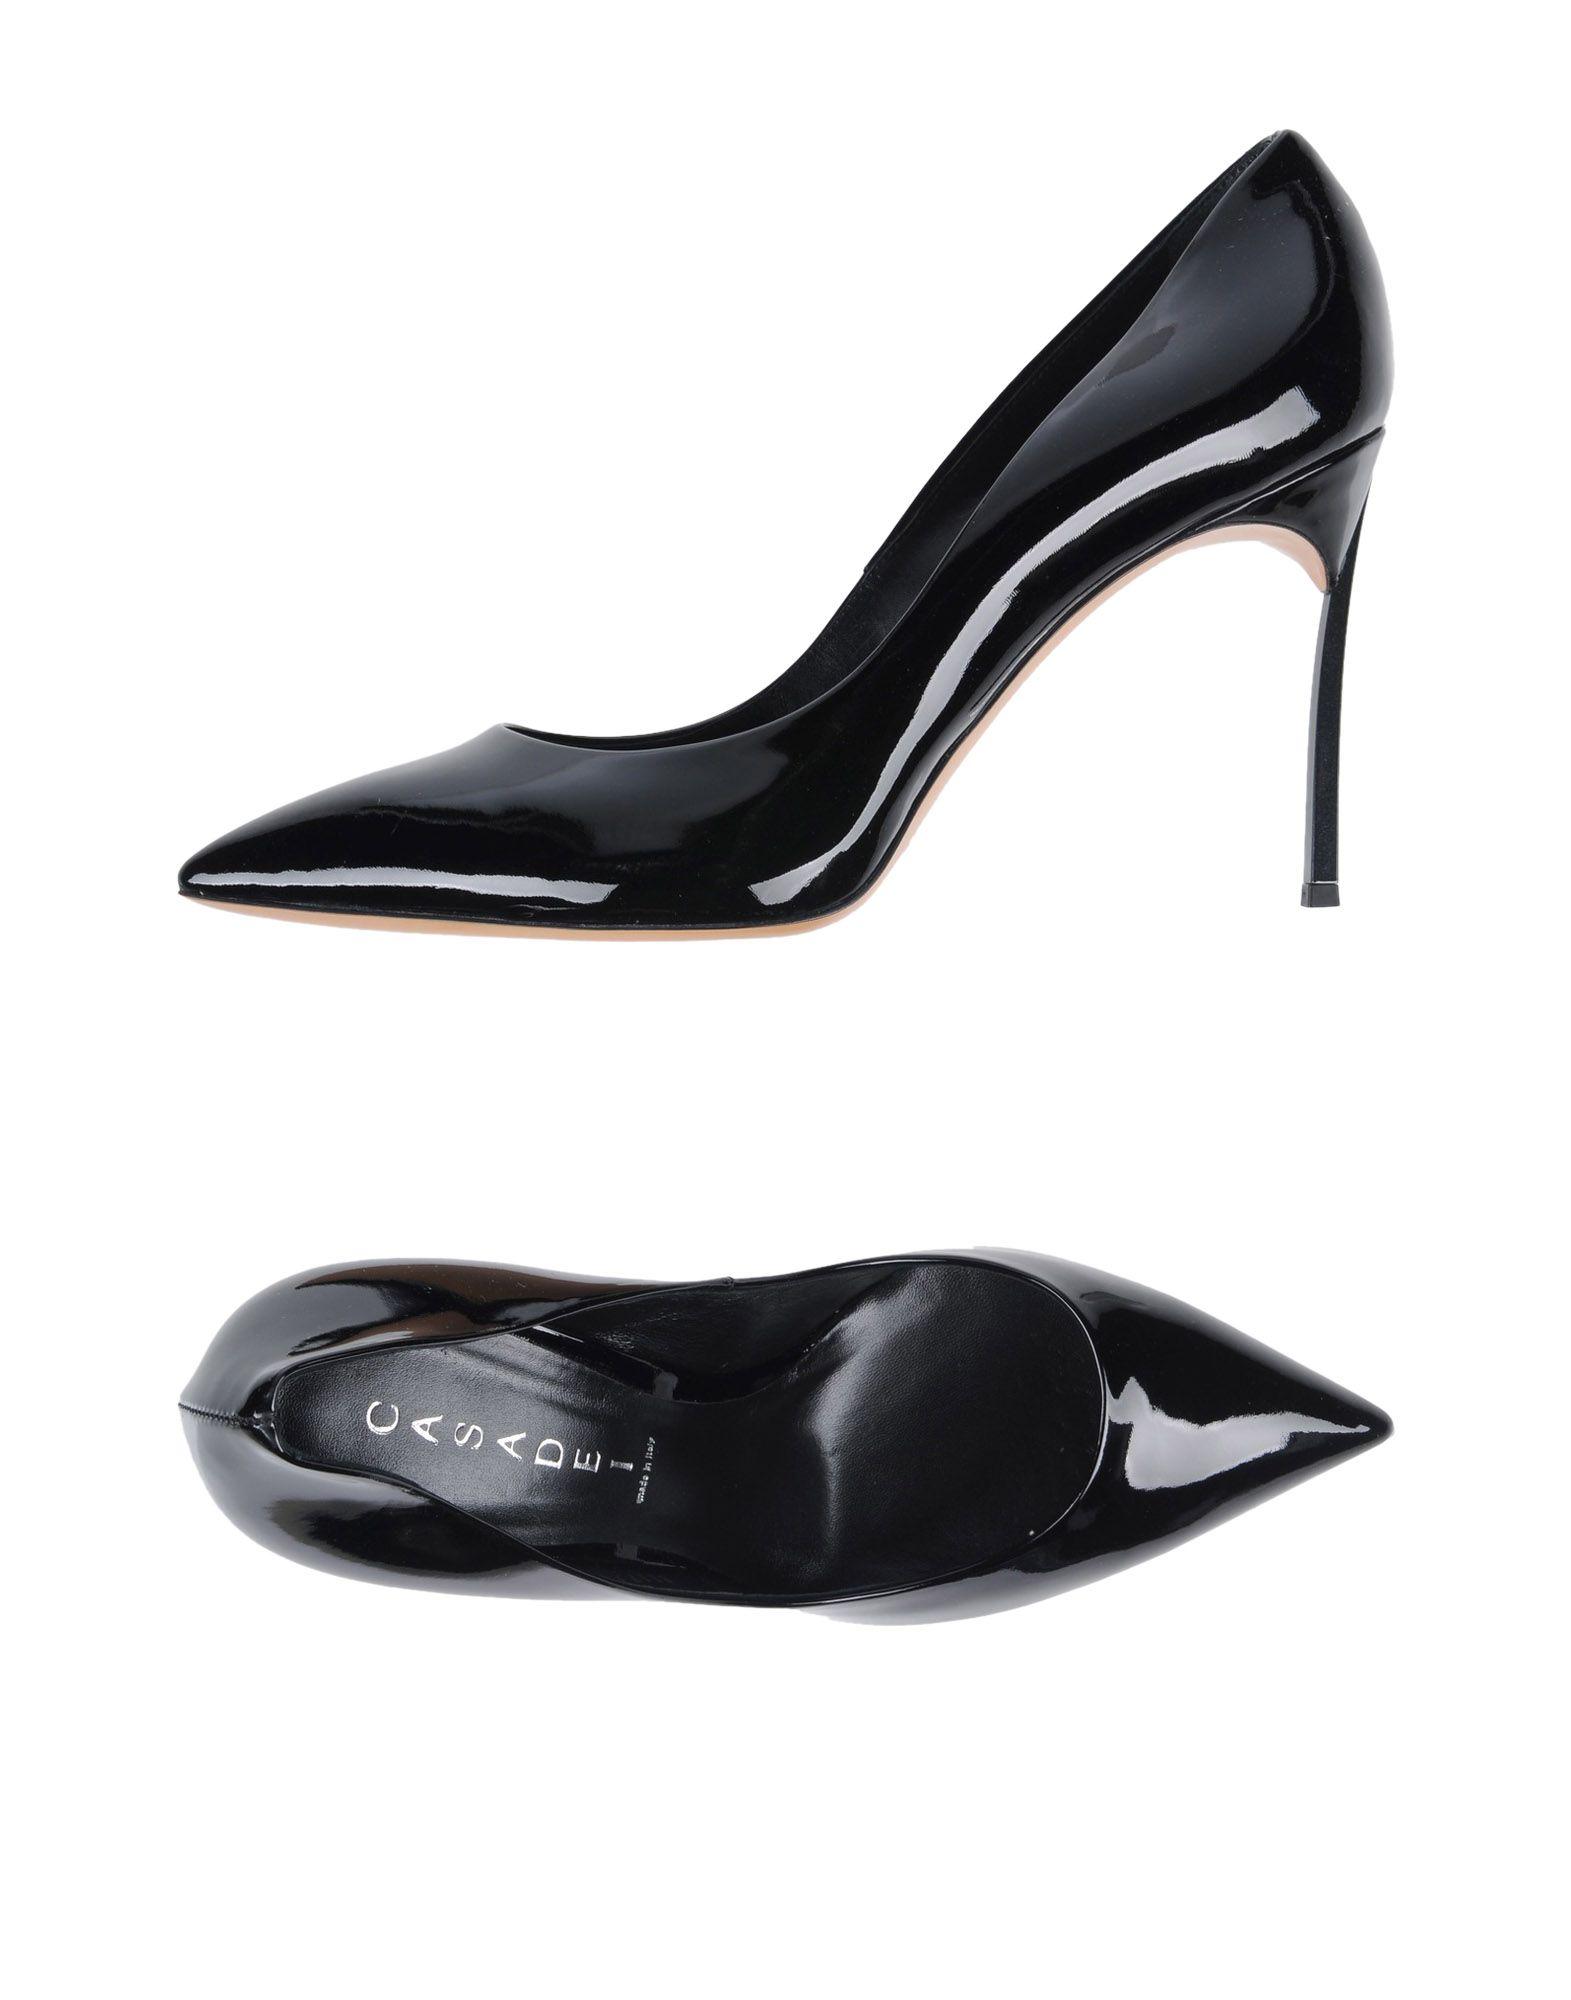 Haltbare Mode billige Schuhe Casadei Pumps Damen  11460720RS Heiße Schuhe